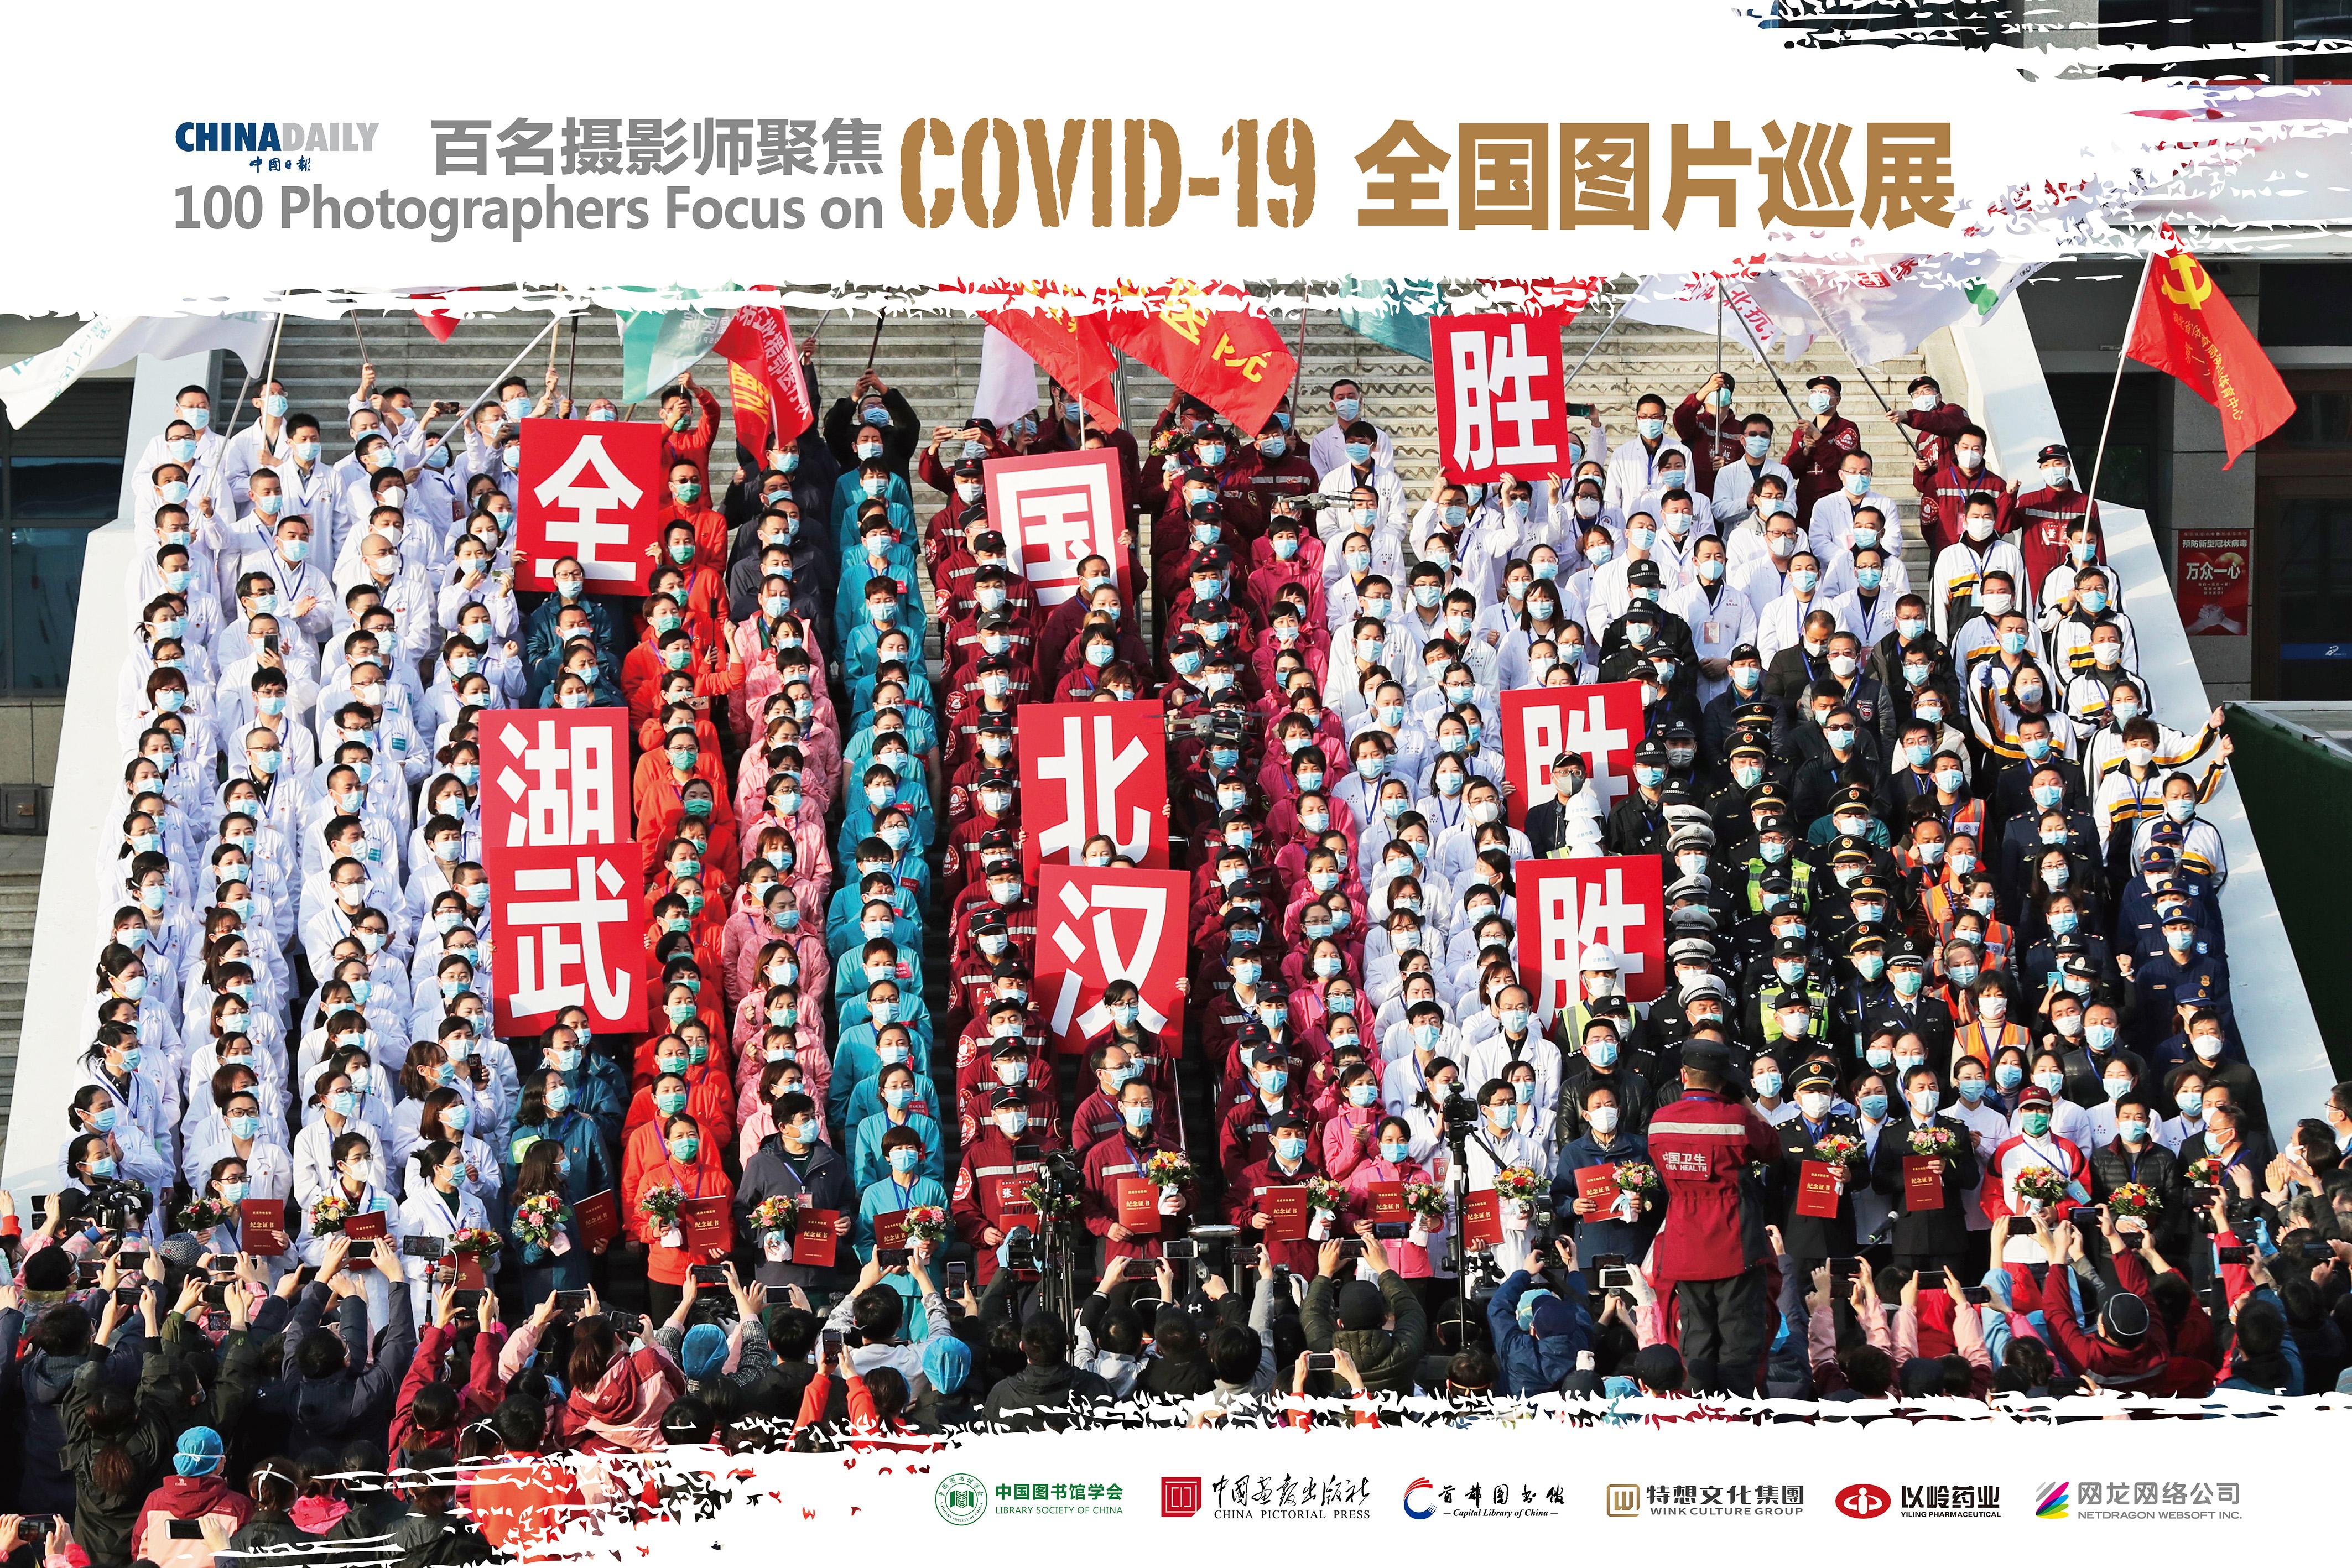 《百名摄影师聚焦COVID-19》图片展在上海杨浦区图书馆举行